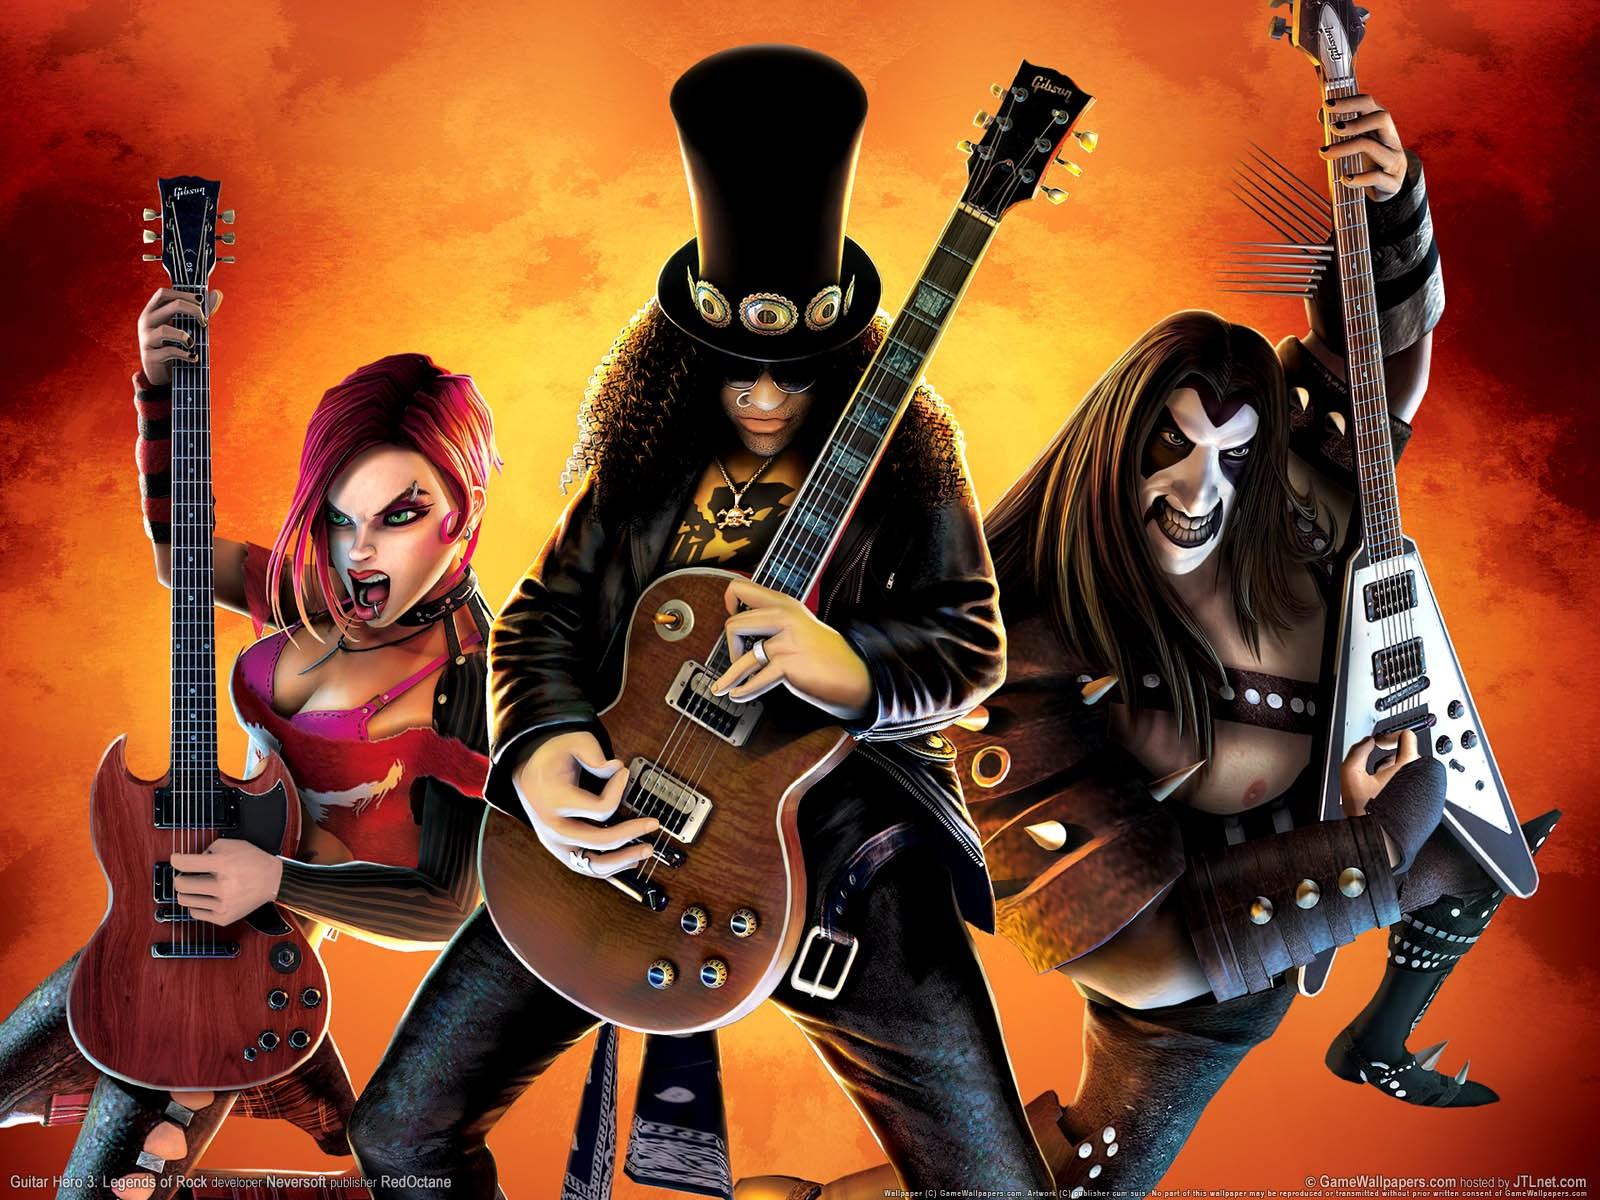 http://1.bp.blogspot.com/_FZuEZCiMifQ/S-3UFjKLSTI/AAAAAAAAAuA/9_G8DuLJ7xM/s1600/guitar-hero-3-legend-rock-1593.jpg